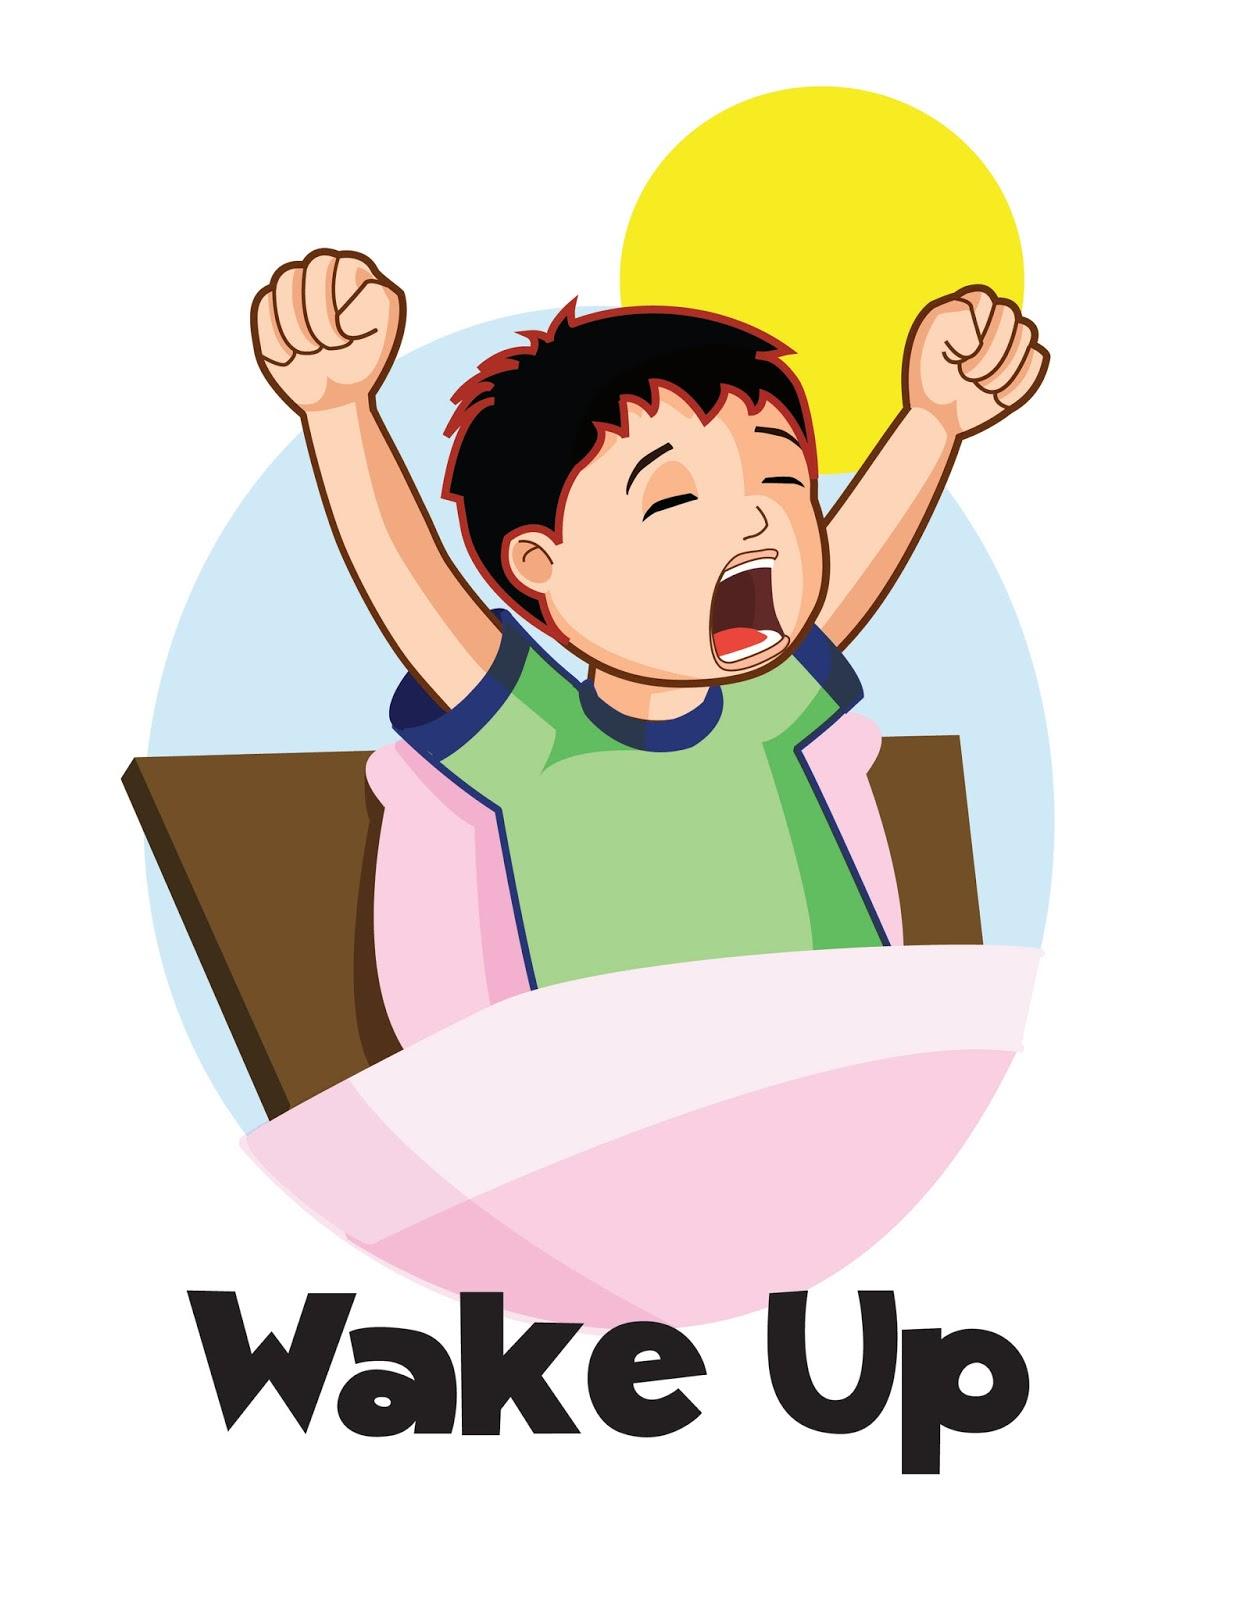 Bangun Tidur Kartun : bangun, tidur, kartun, Gambar, Kartun, Orang, Bangun, Tidur, Cikimm.com